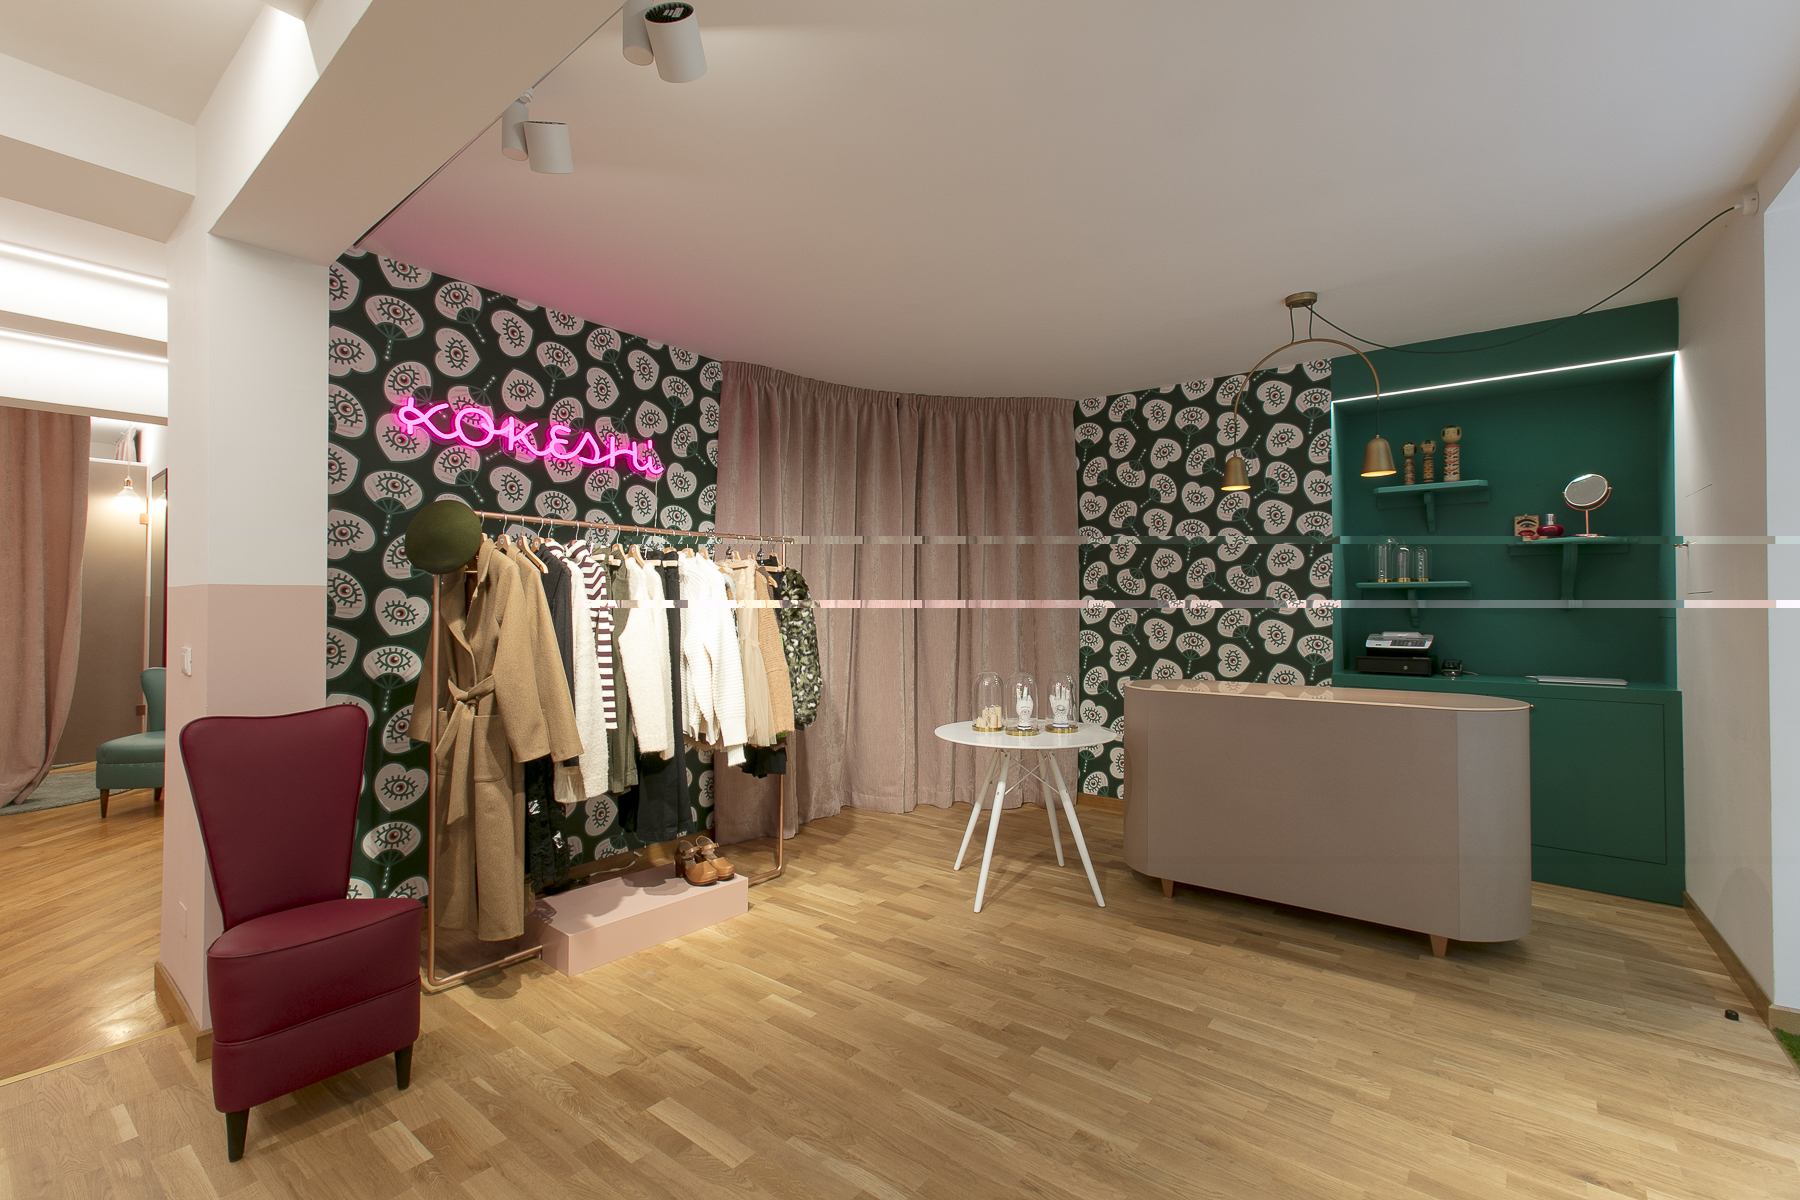 allestimento di design per concept store e negozi